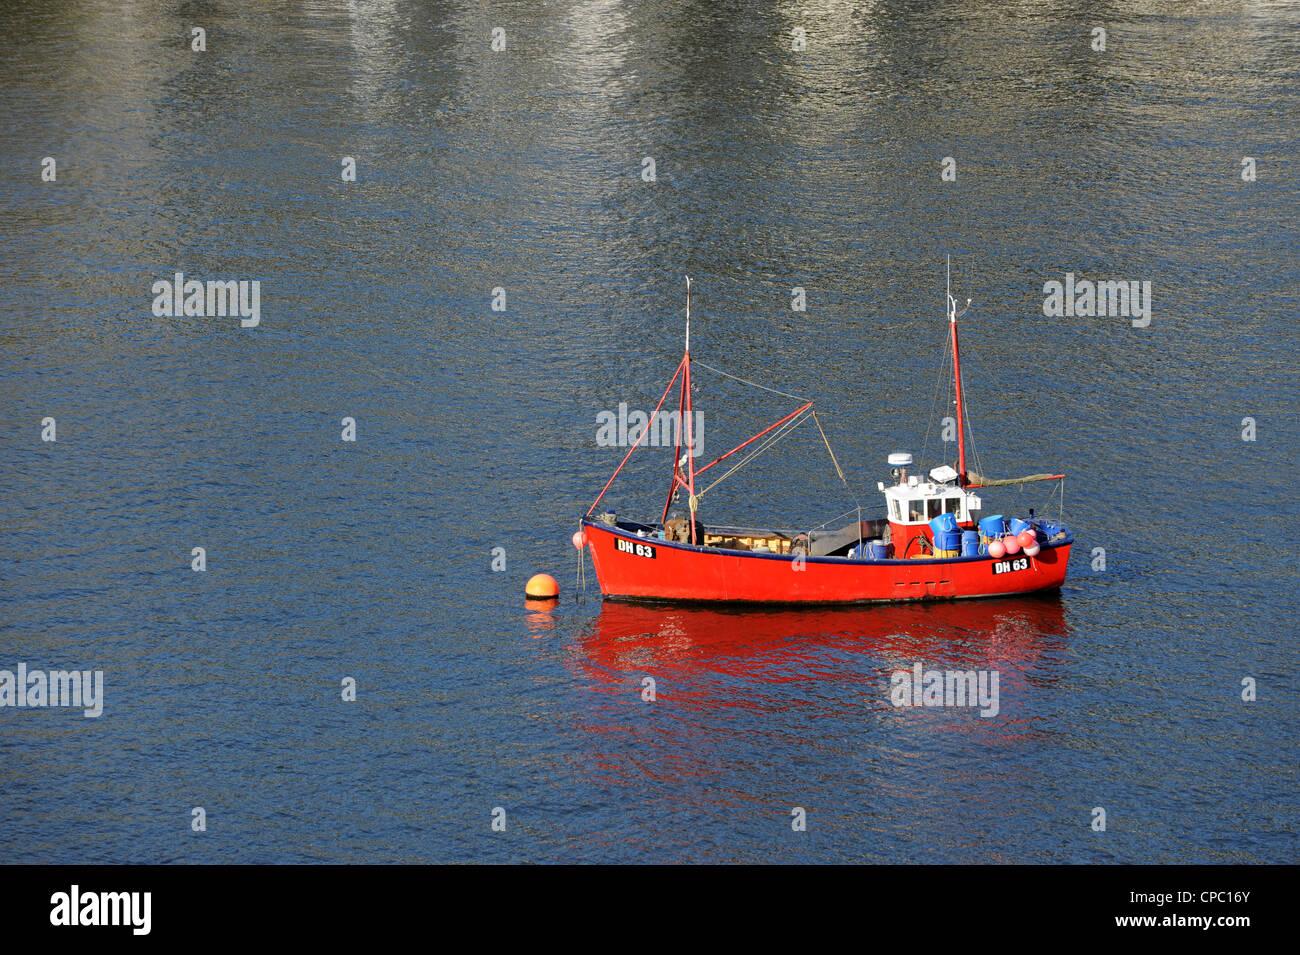 Bateau de pêche amarré sur la rivière Dart à Dartmouth Banque D'Images